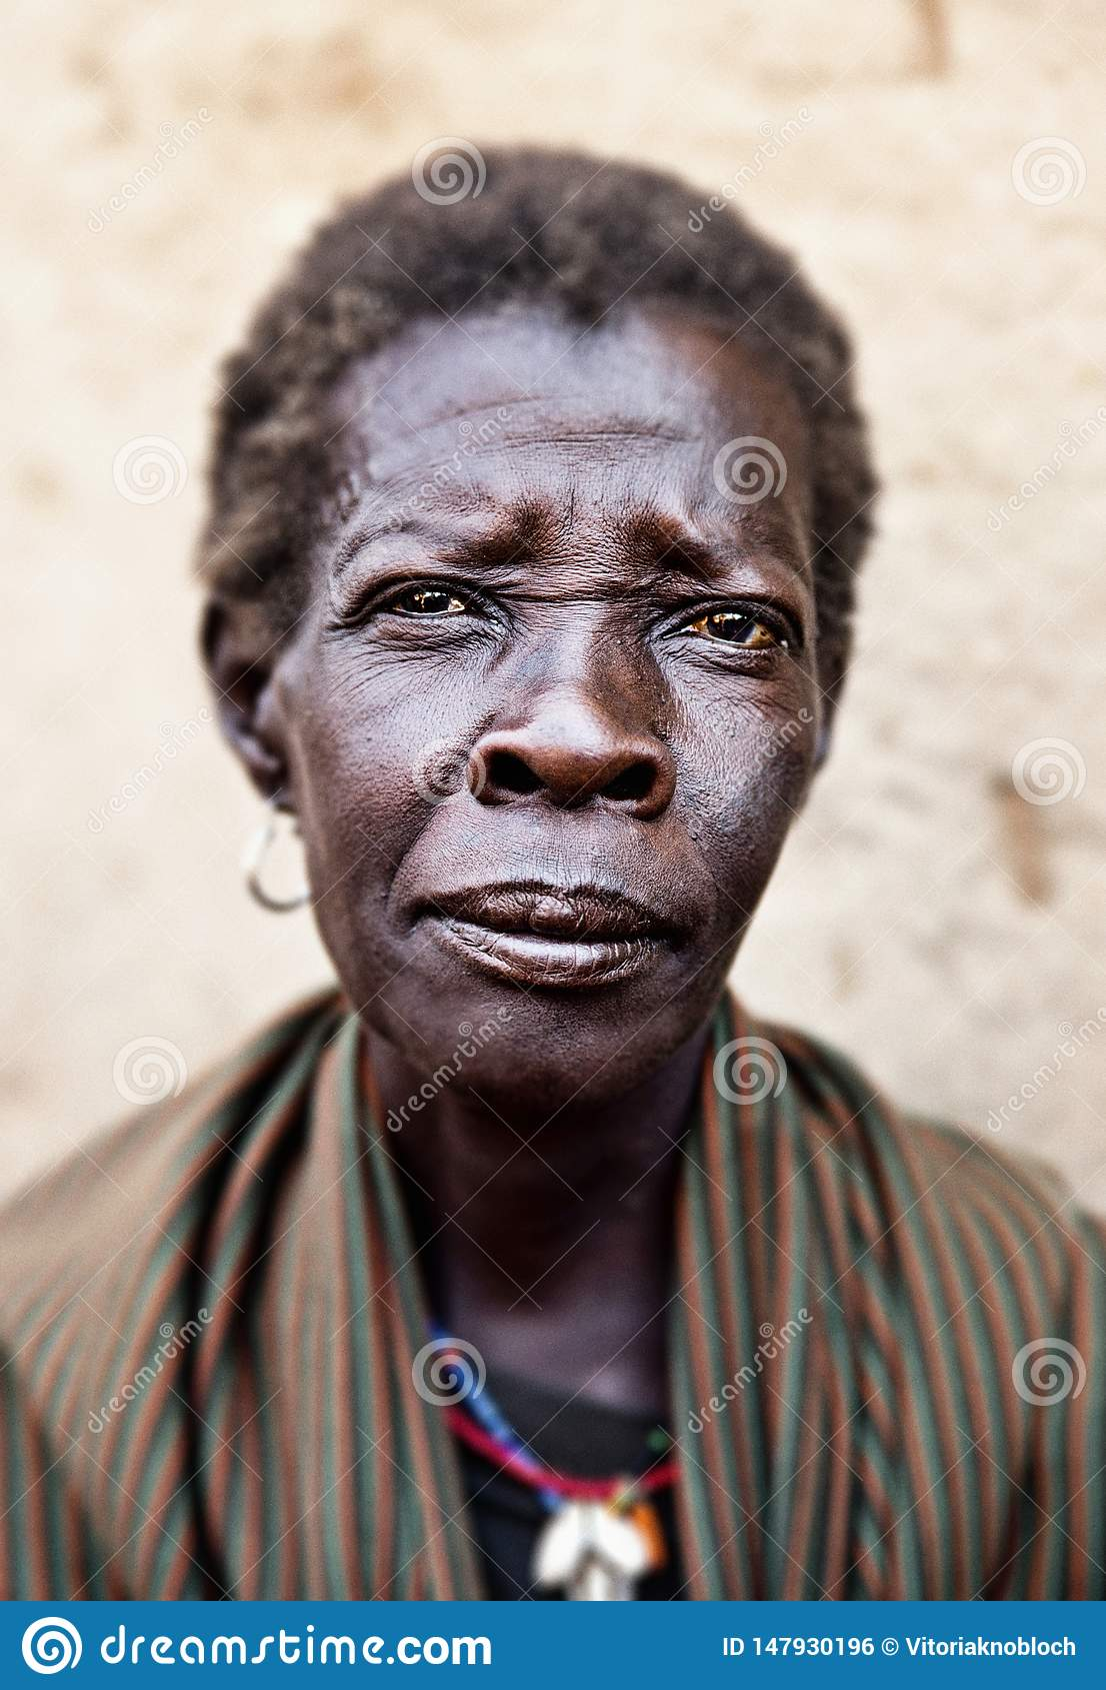 Woman in Kotido in Uganda